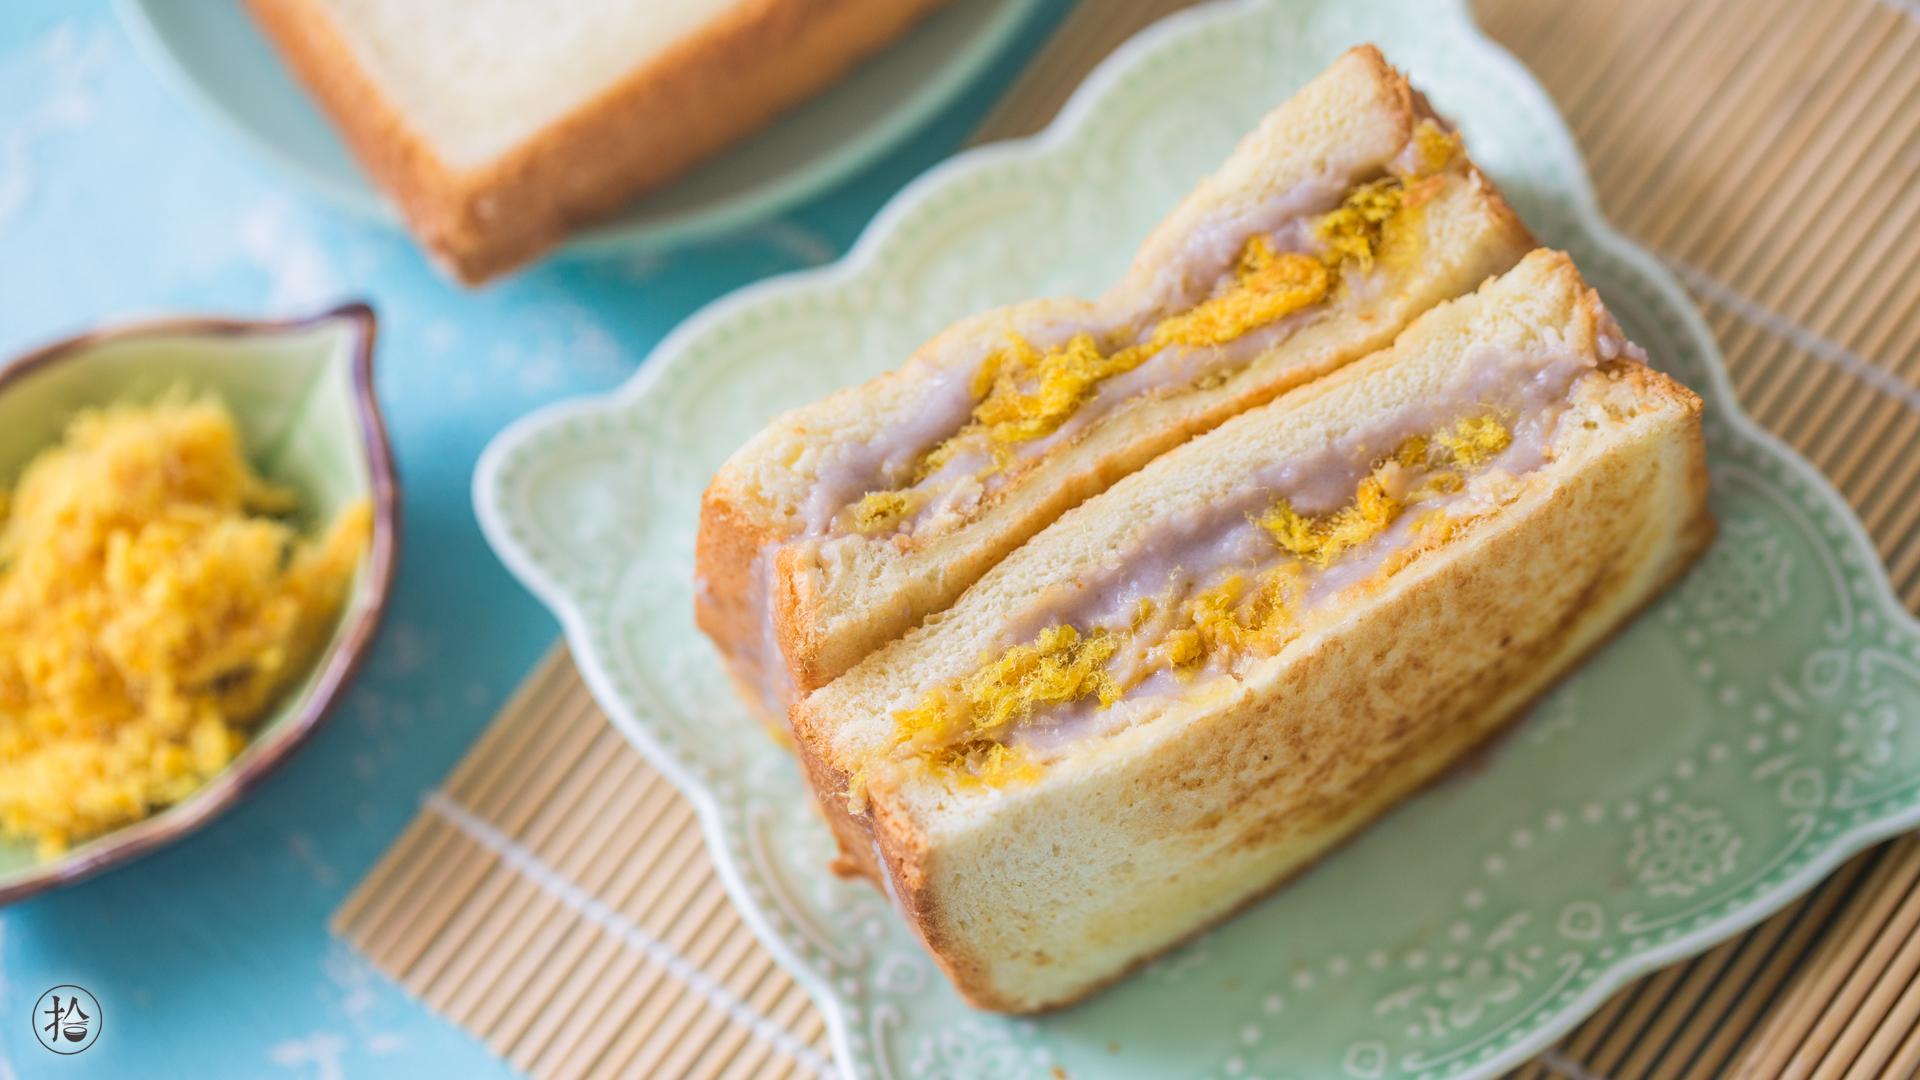 芋泥三明治